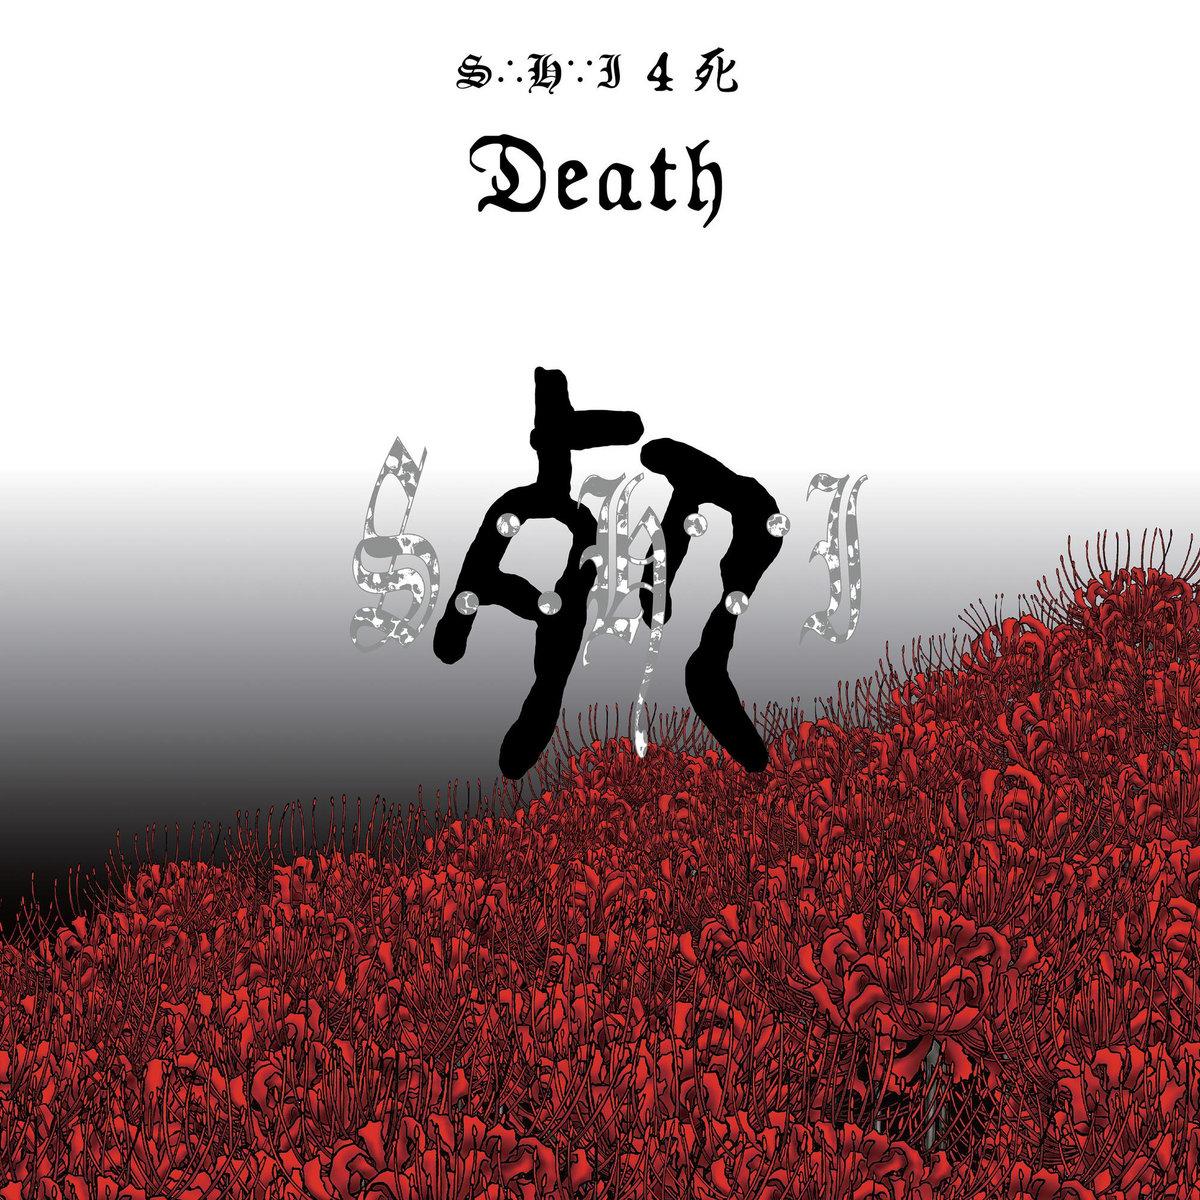 shi 4 death